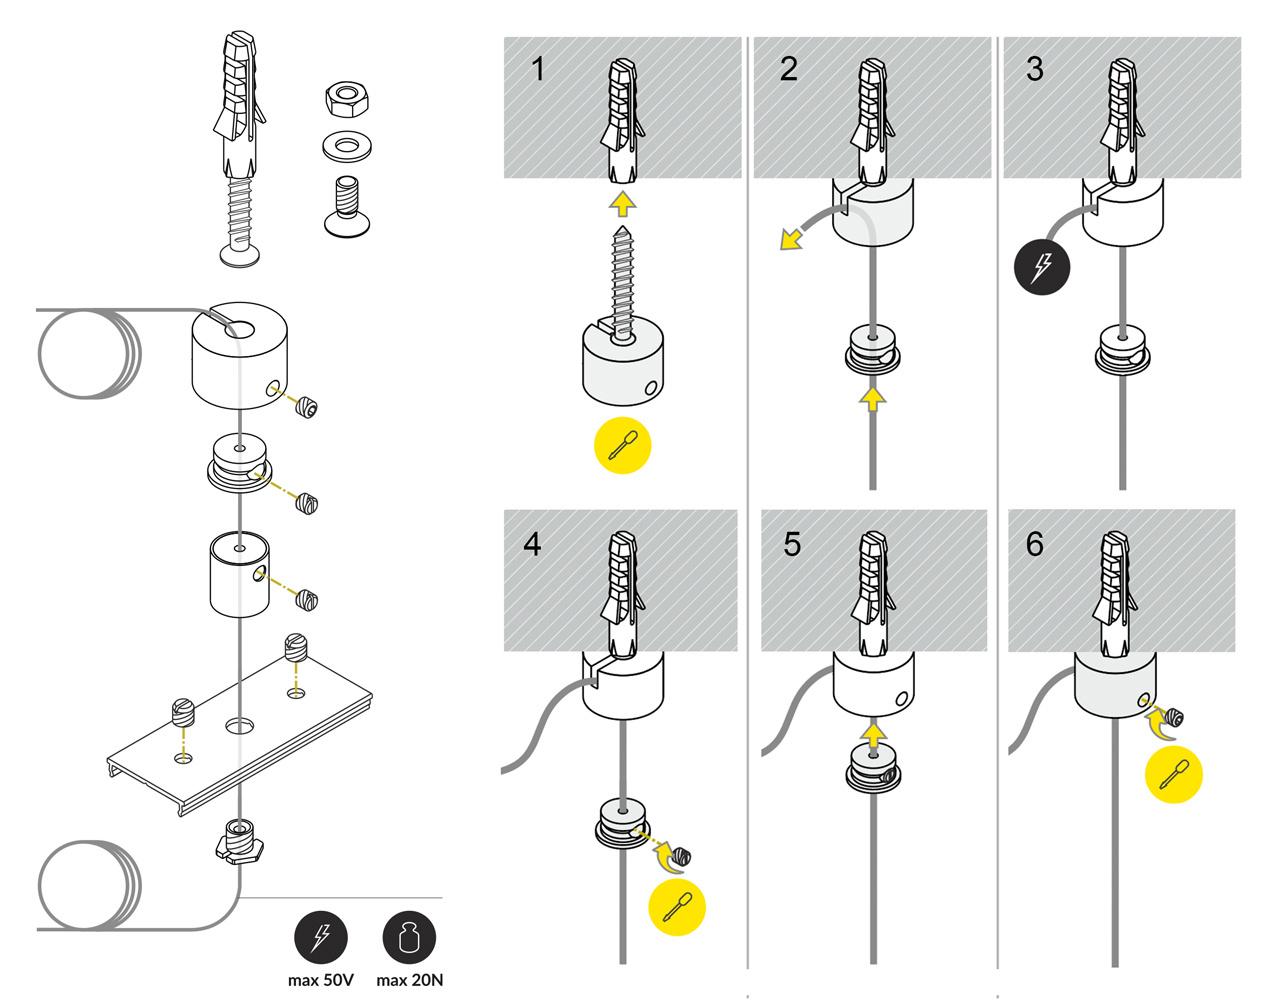 Staalkabel ophangsysteem met stroomdoorvoer